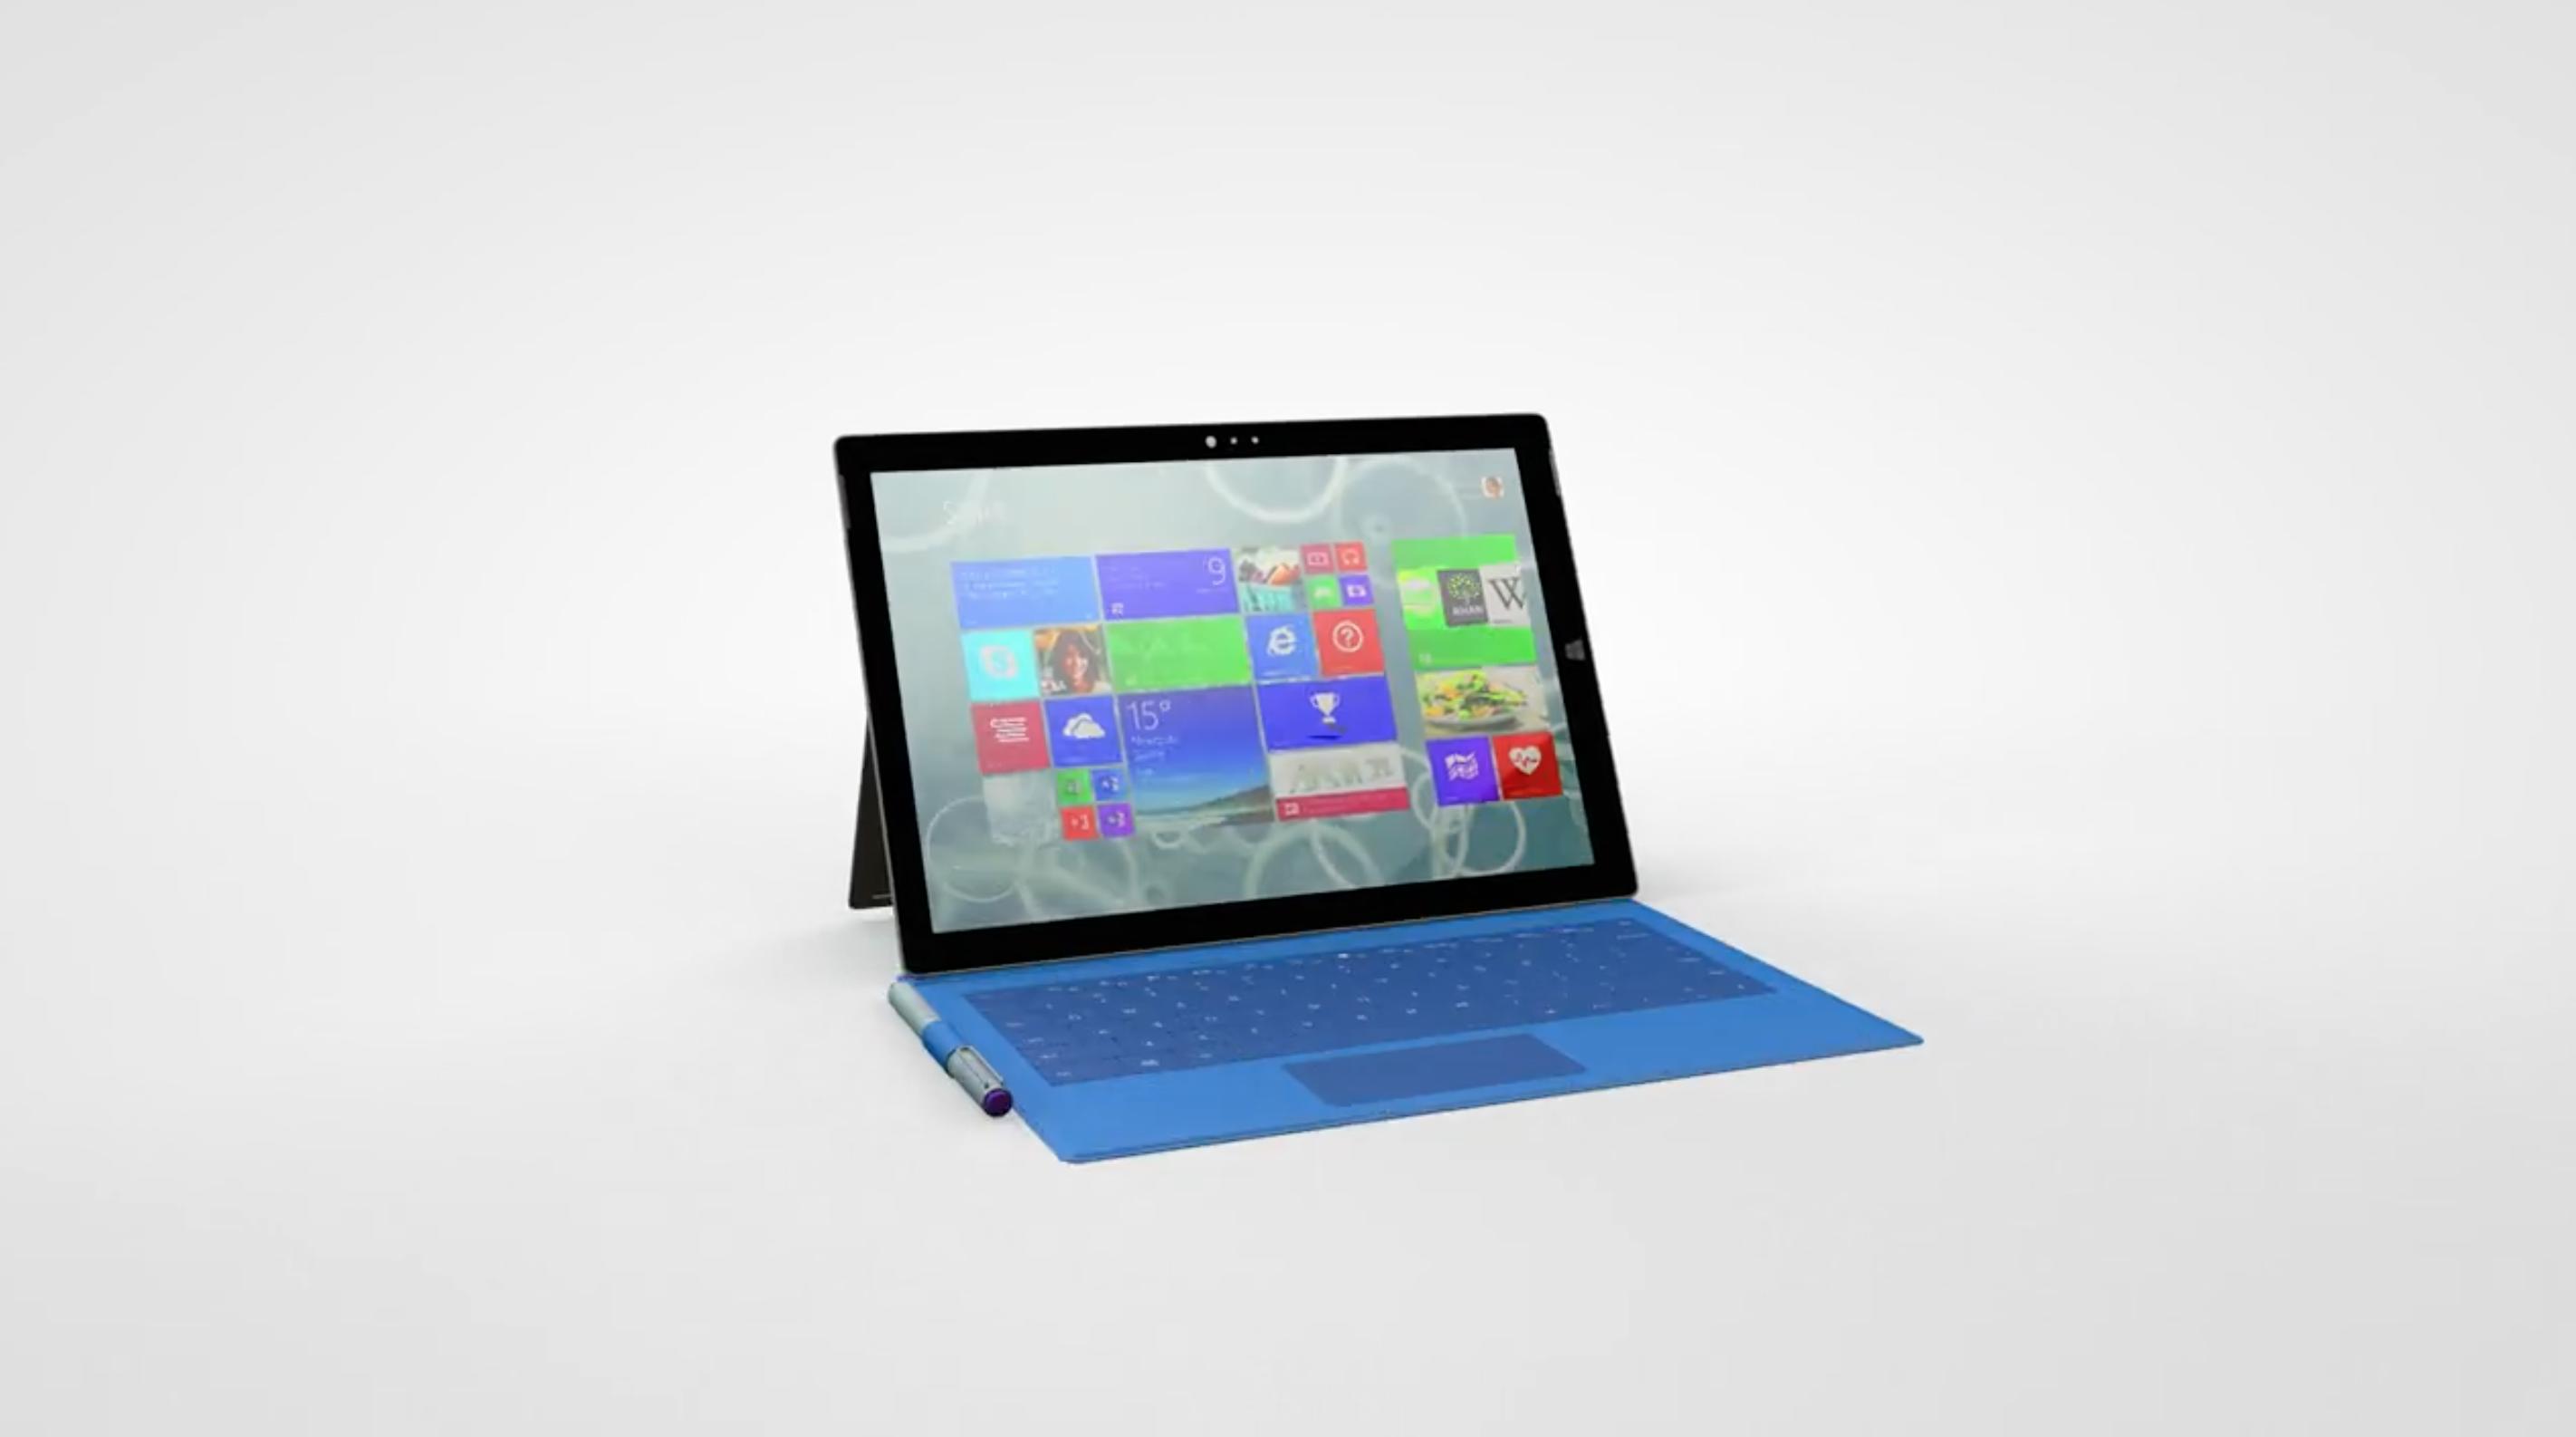 PC World – Microsoft Surface Pro (2014)